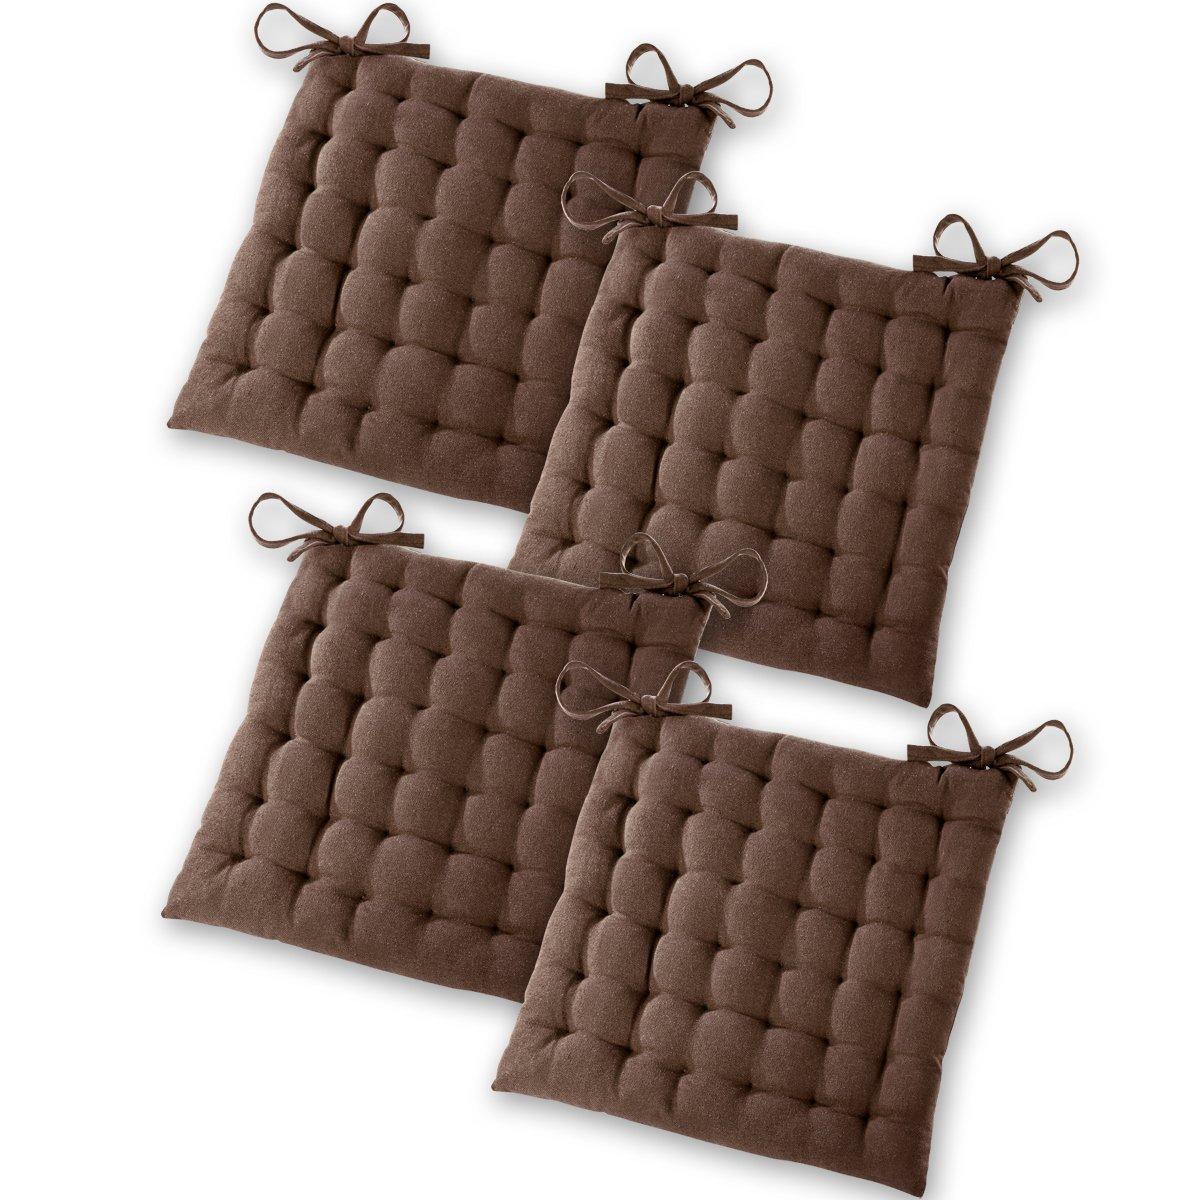 Gräfenstayn® set di 4 cuscini per sedia 40x40x5cm da interni ed esterno in 100% cotone - colori diversi - imbottitura spessa cuscino trapuntato / cuscino da pavimento - certificato Öko-Tex Standard 100 (Beige) Torrex